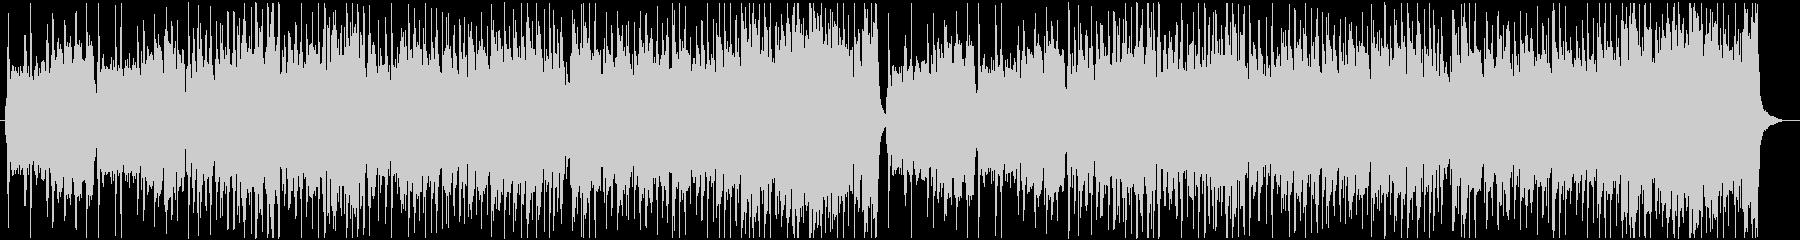 にぎやかなケルト曲の未再生の波形